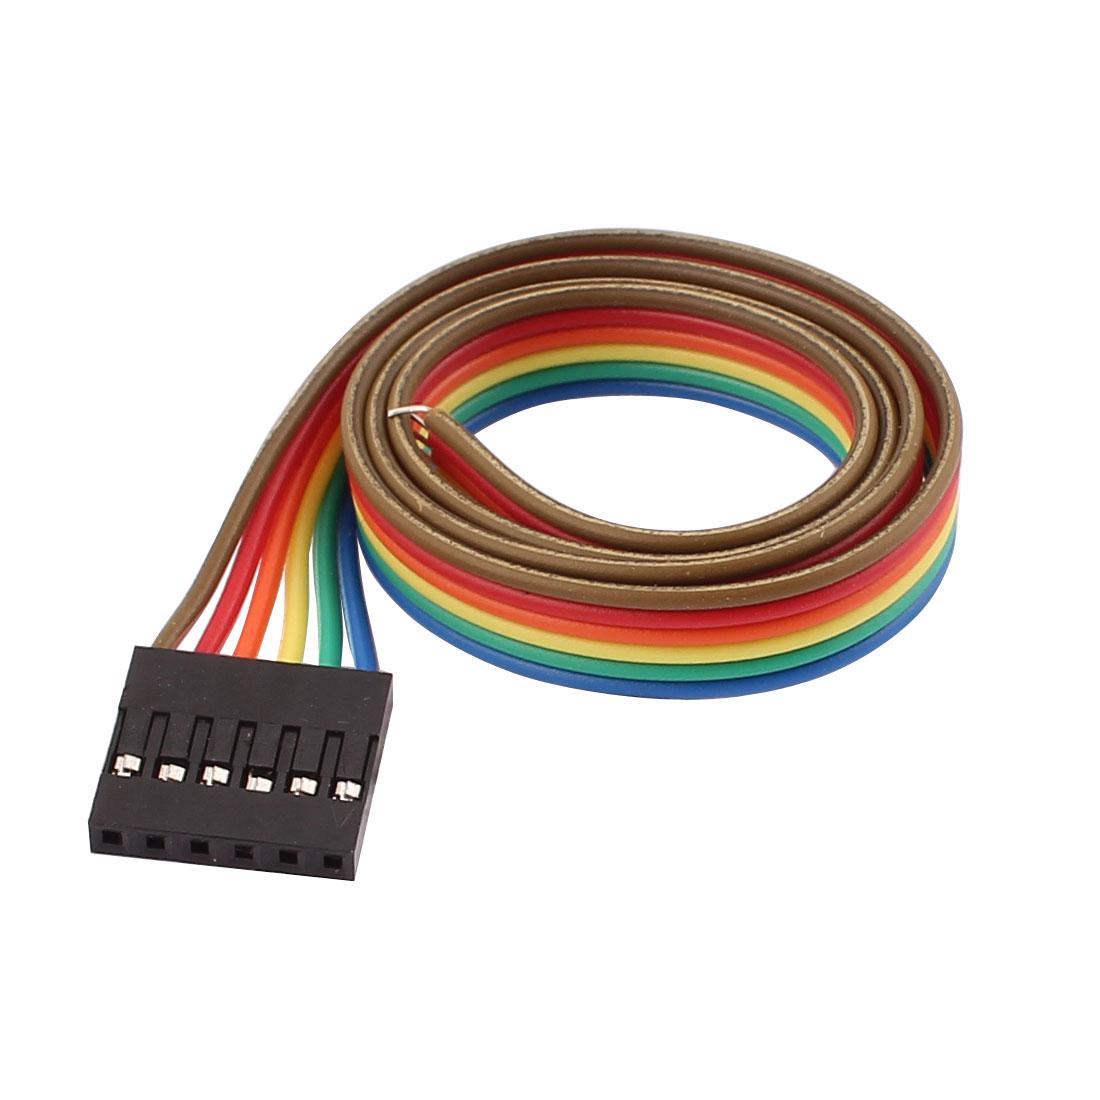 Unique Bargains a16072600ux0853 10 Pcs Female 6P Jumper Wires Ribbon ...